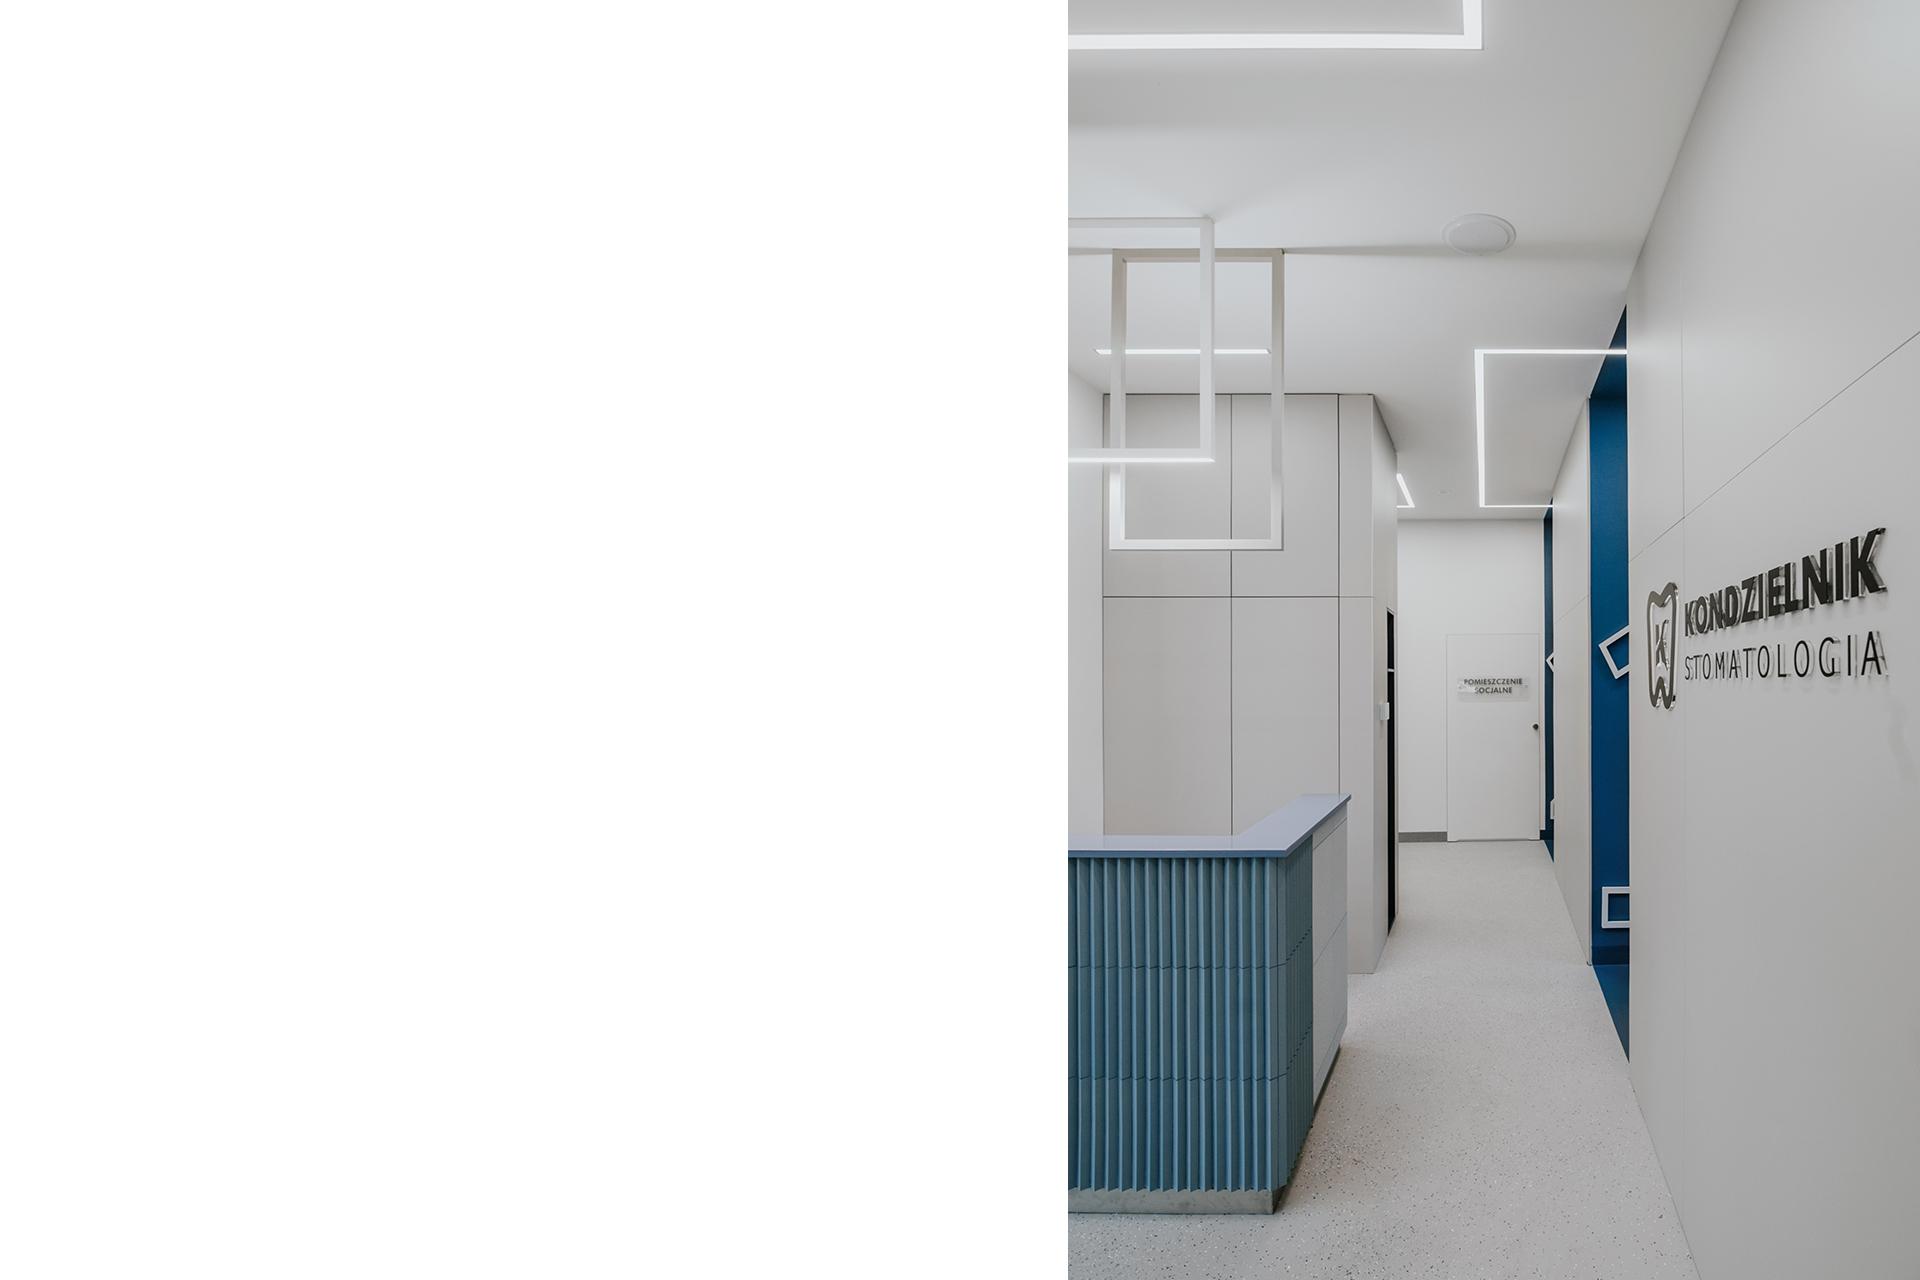 Gabinet Stomatologiczny - Joanna Kubieniec i Katarzyna Długosz - Biuro architektoniczne w Katowicach